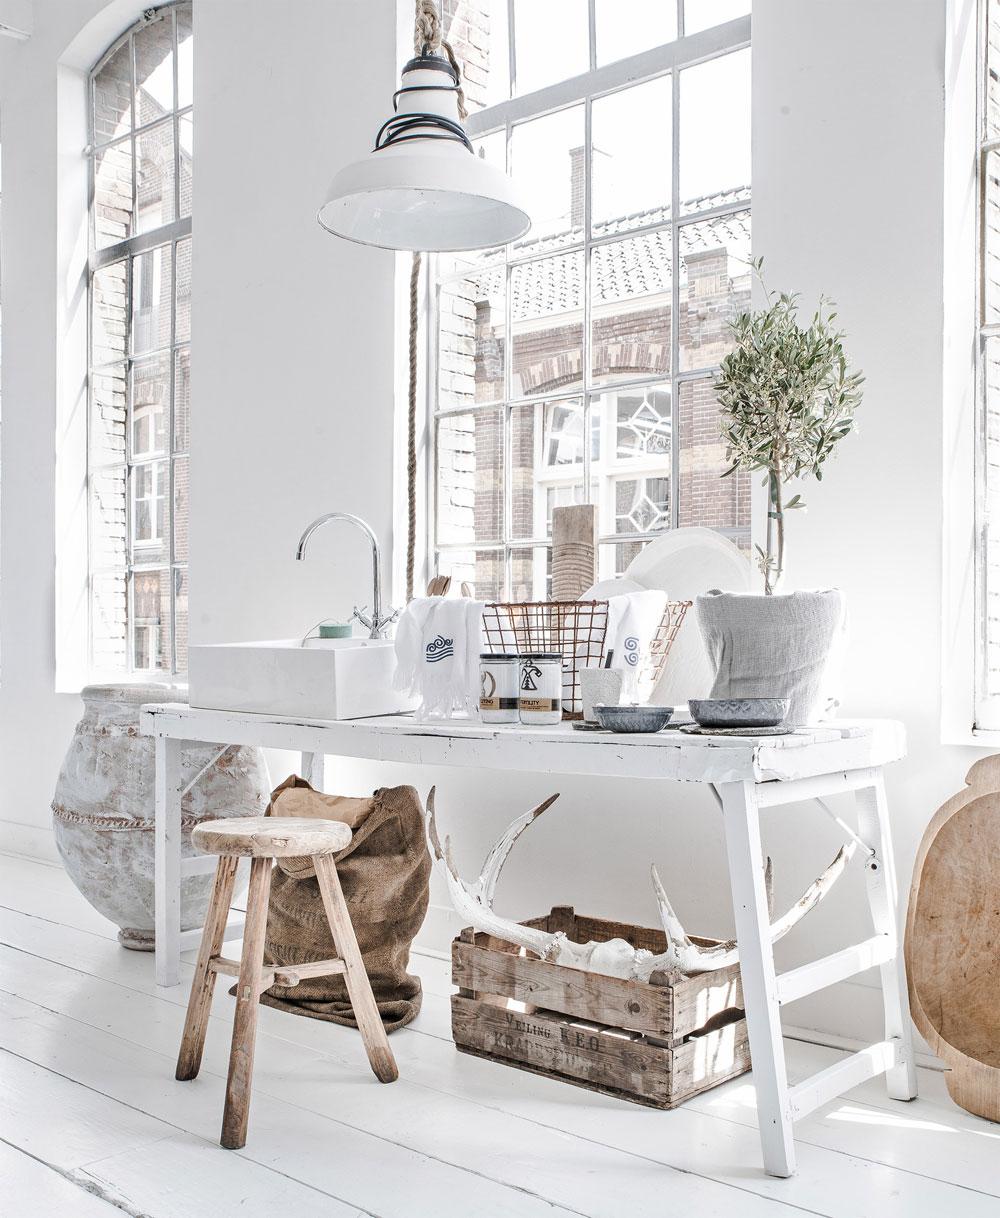 Los Maravillosos Interiores De La Fot Grafa Paulina Arcklin ~ Pinterest Decoracion De Interiores